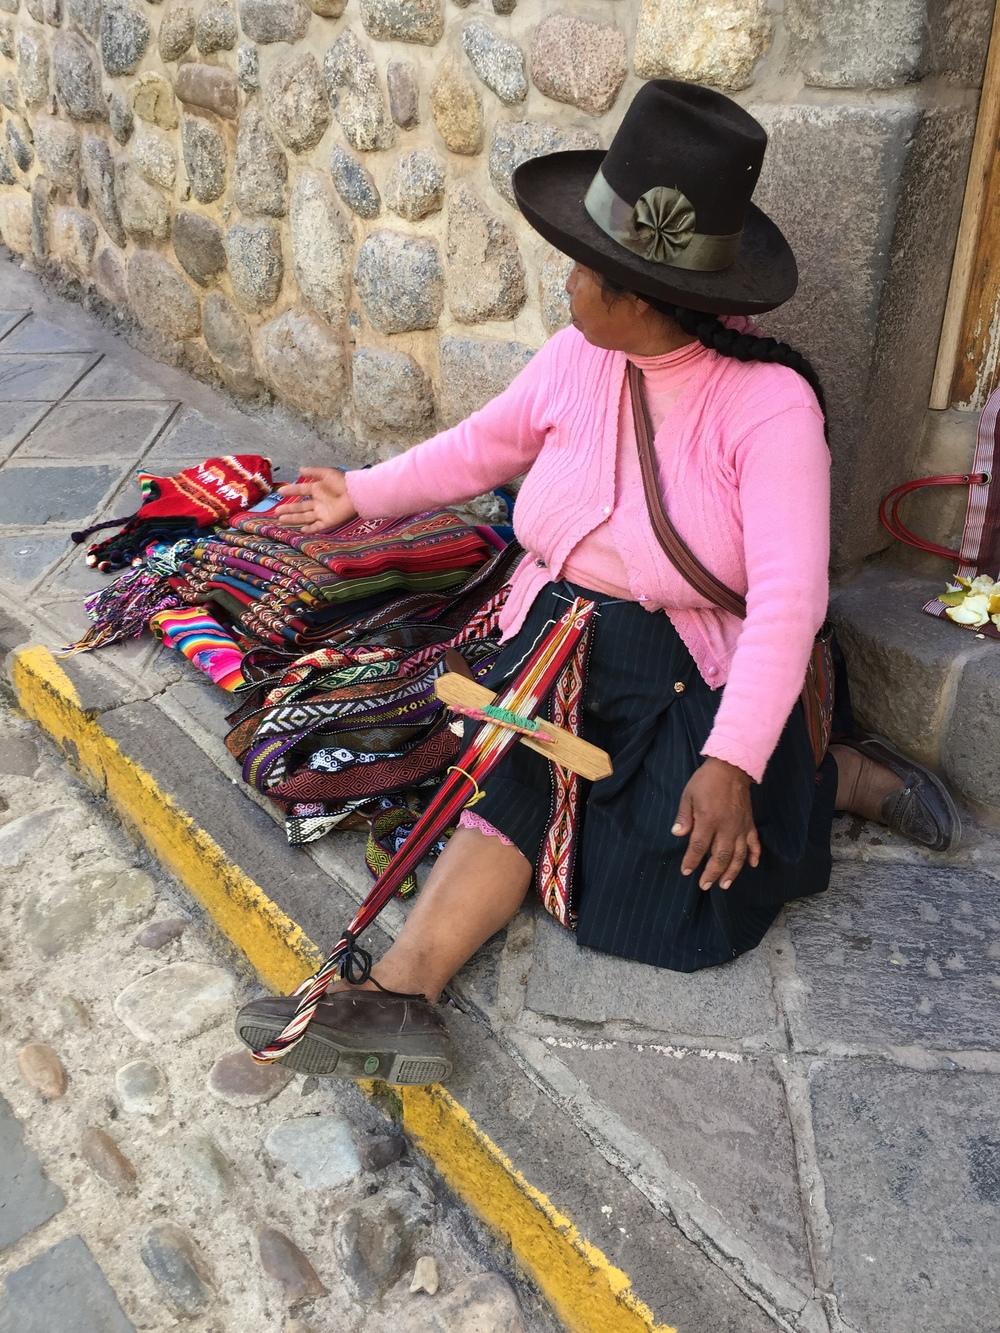 Kvinne som sitter på fortauet med hele varelageret sitt. Renningen har hun festet i foten.